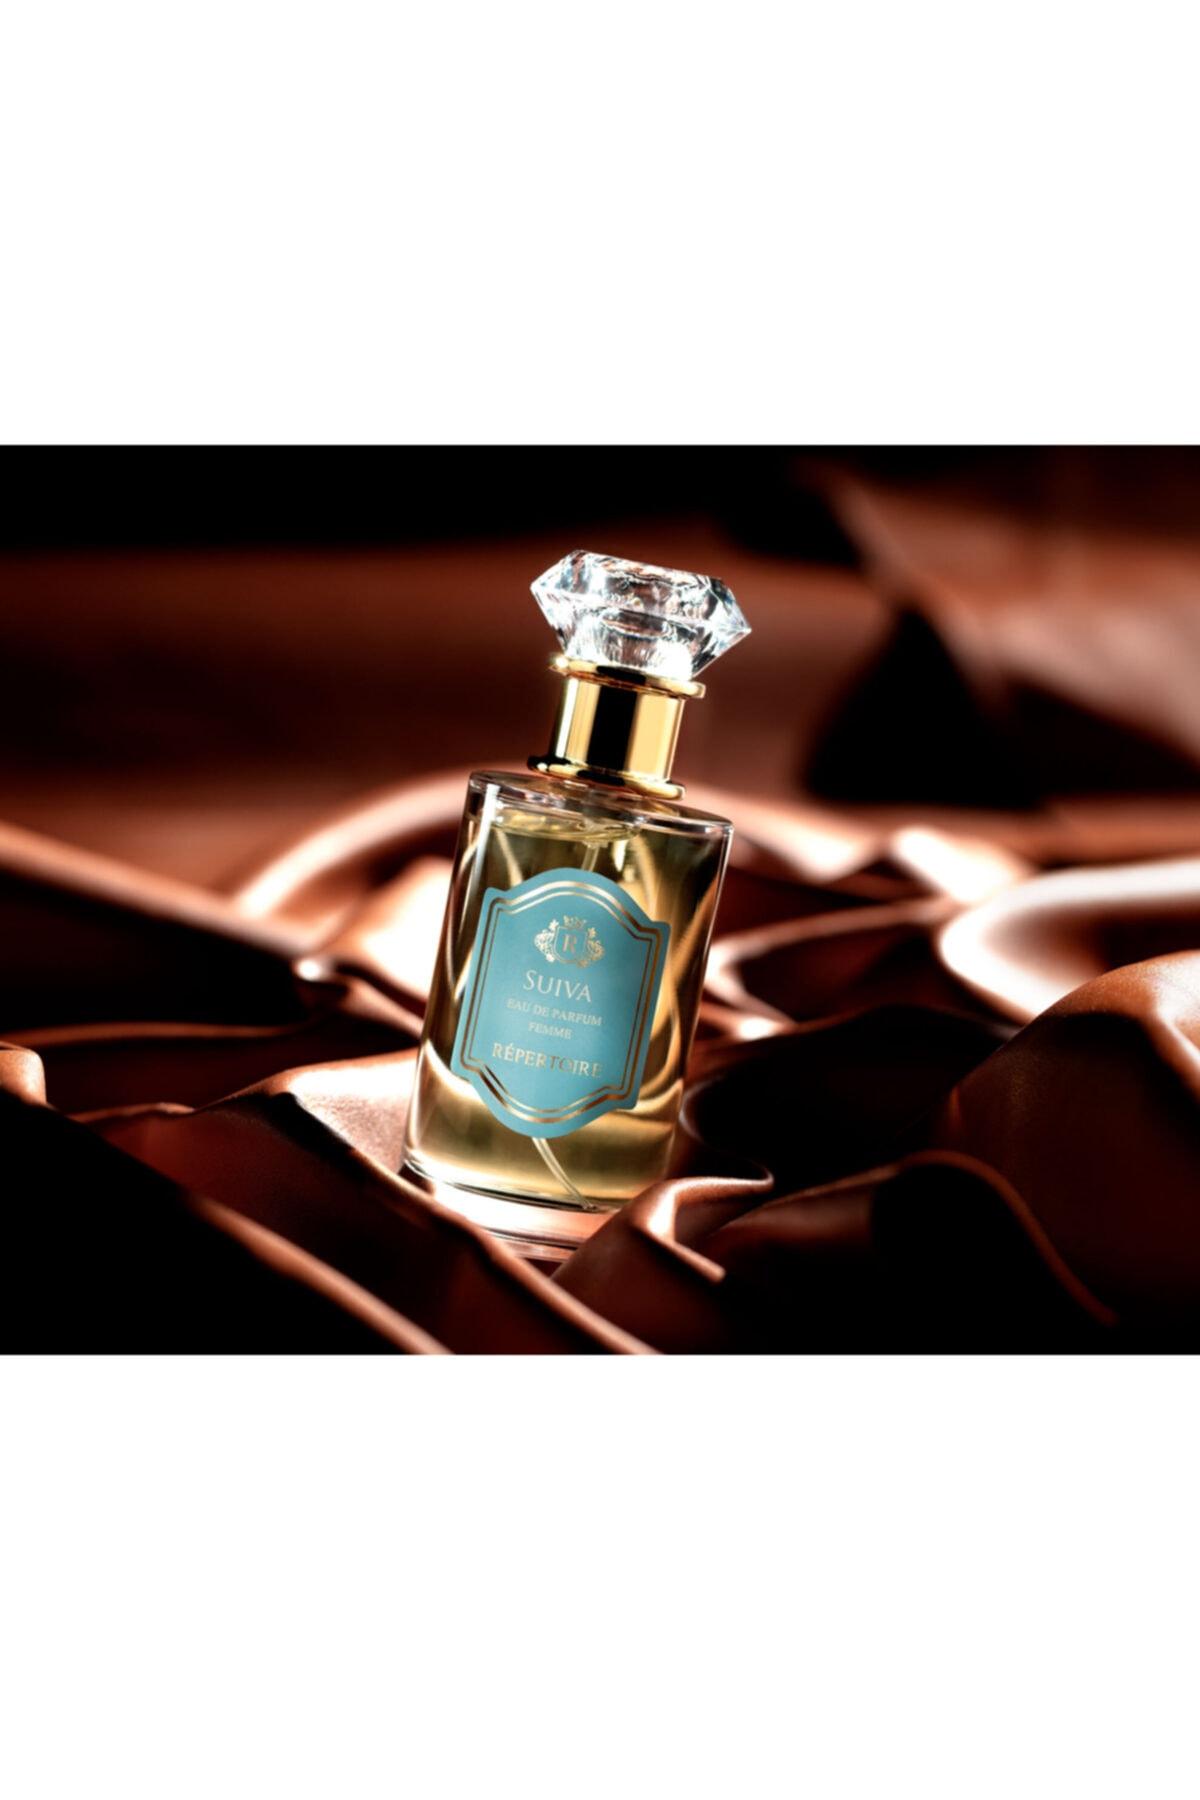 Madame Coco Répertoıre Kadın Eau De Parfum 100 Ml Suiva 2